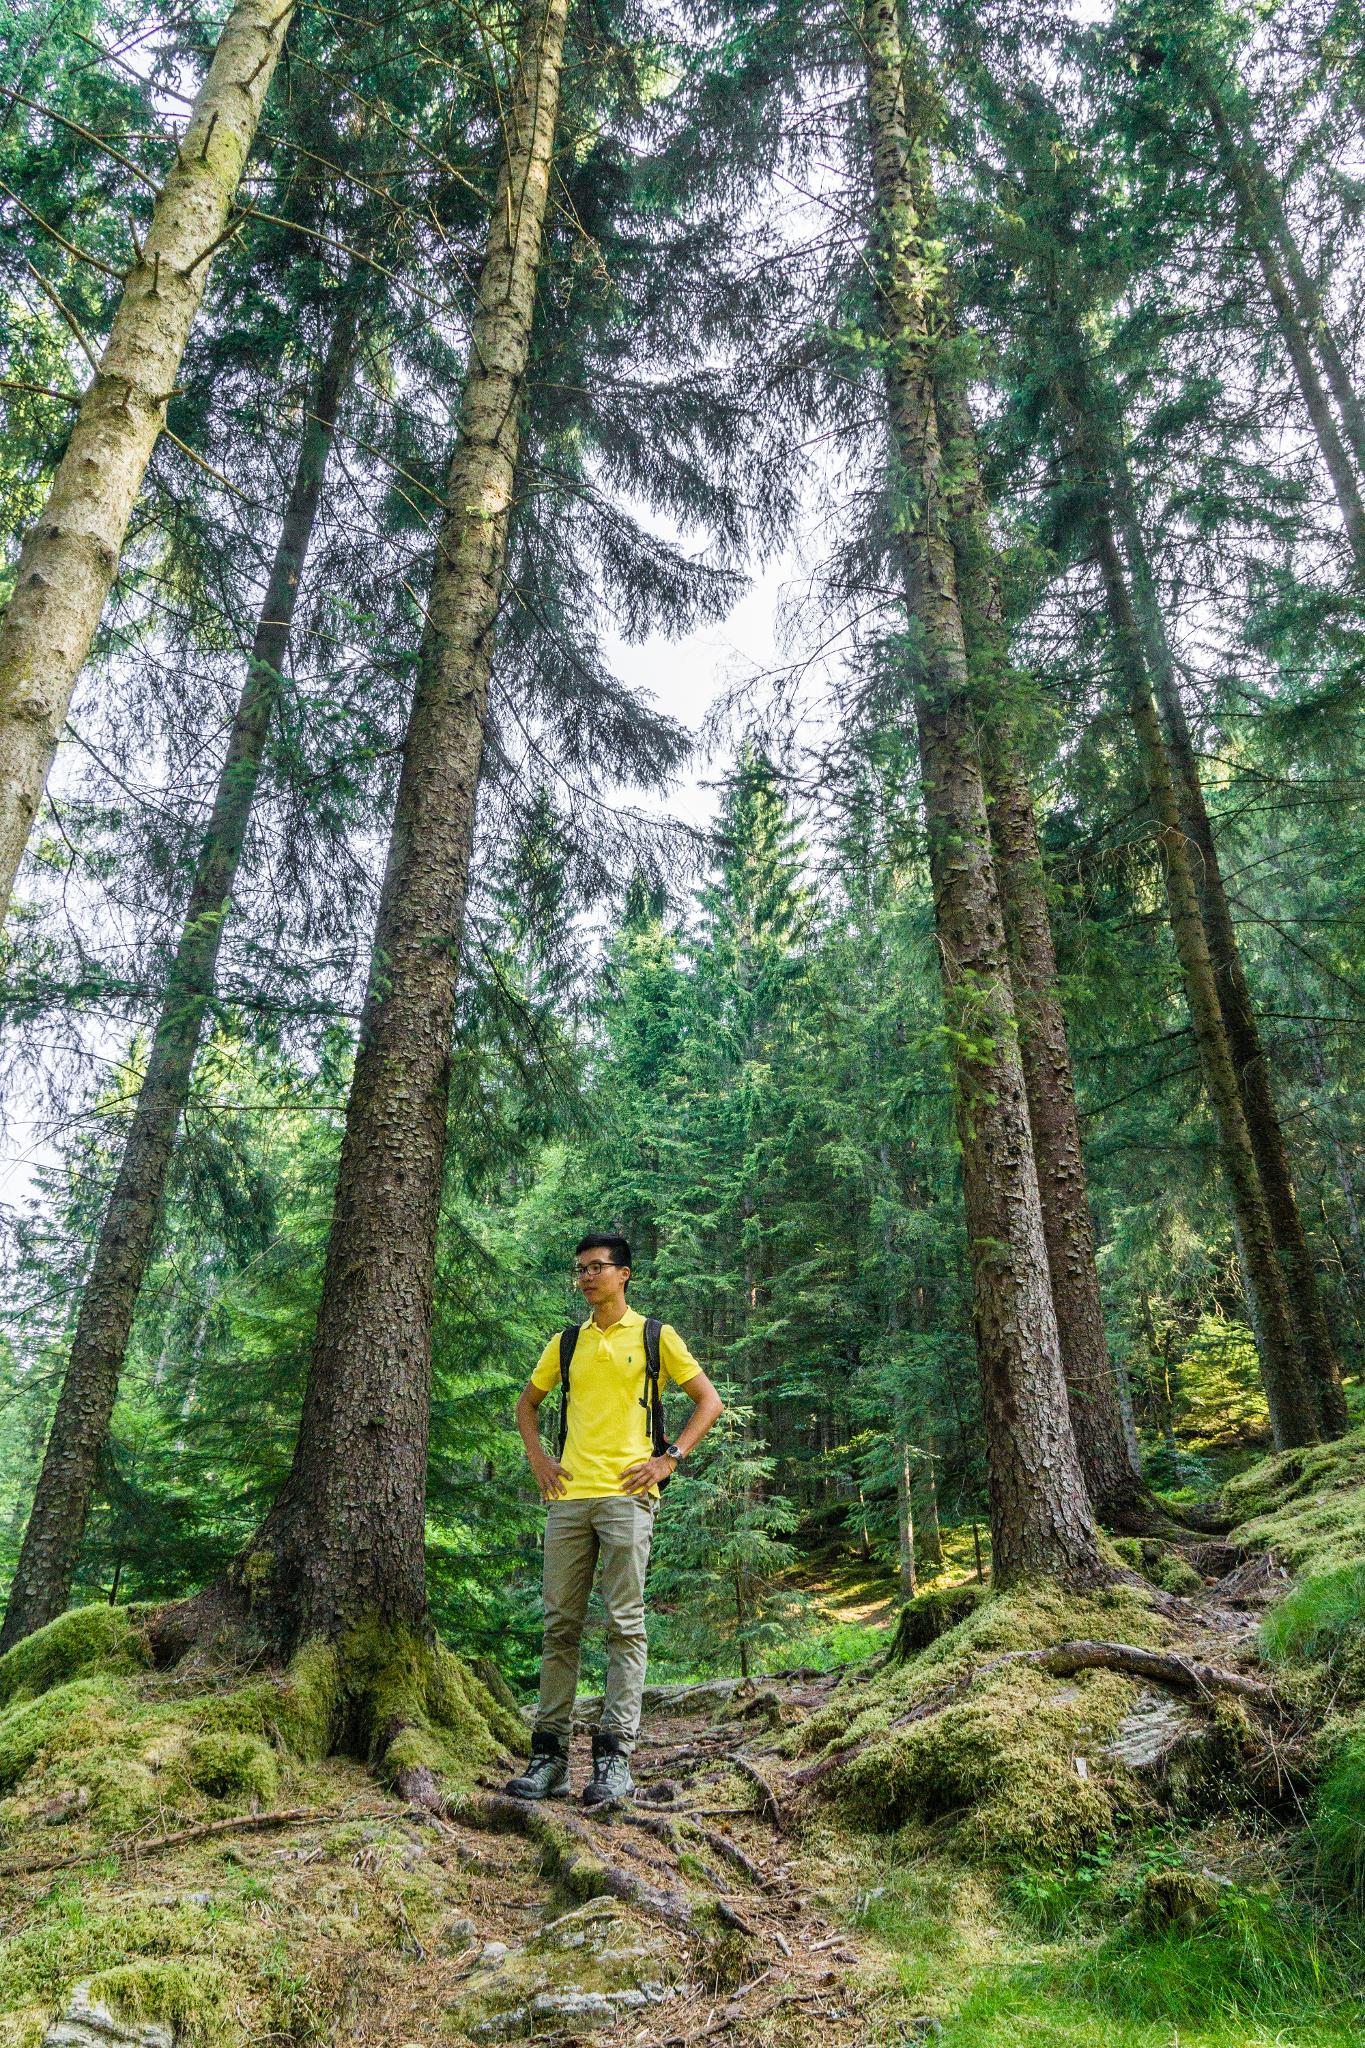 【卑爾根】超級震撼的隱藏版挪威景點 — Stoltzekleiven桑德維克斯石梯與Fløyen佛洛伊恩觀景台大縱走 25